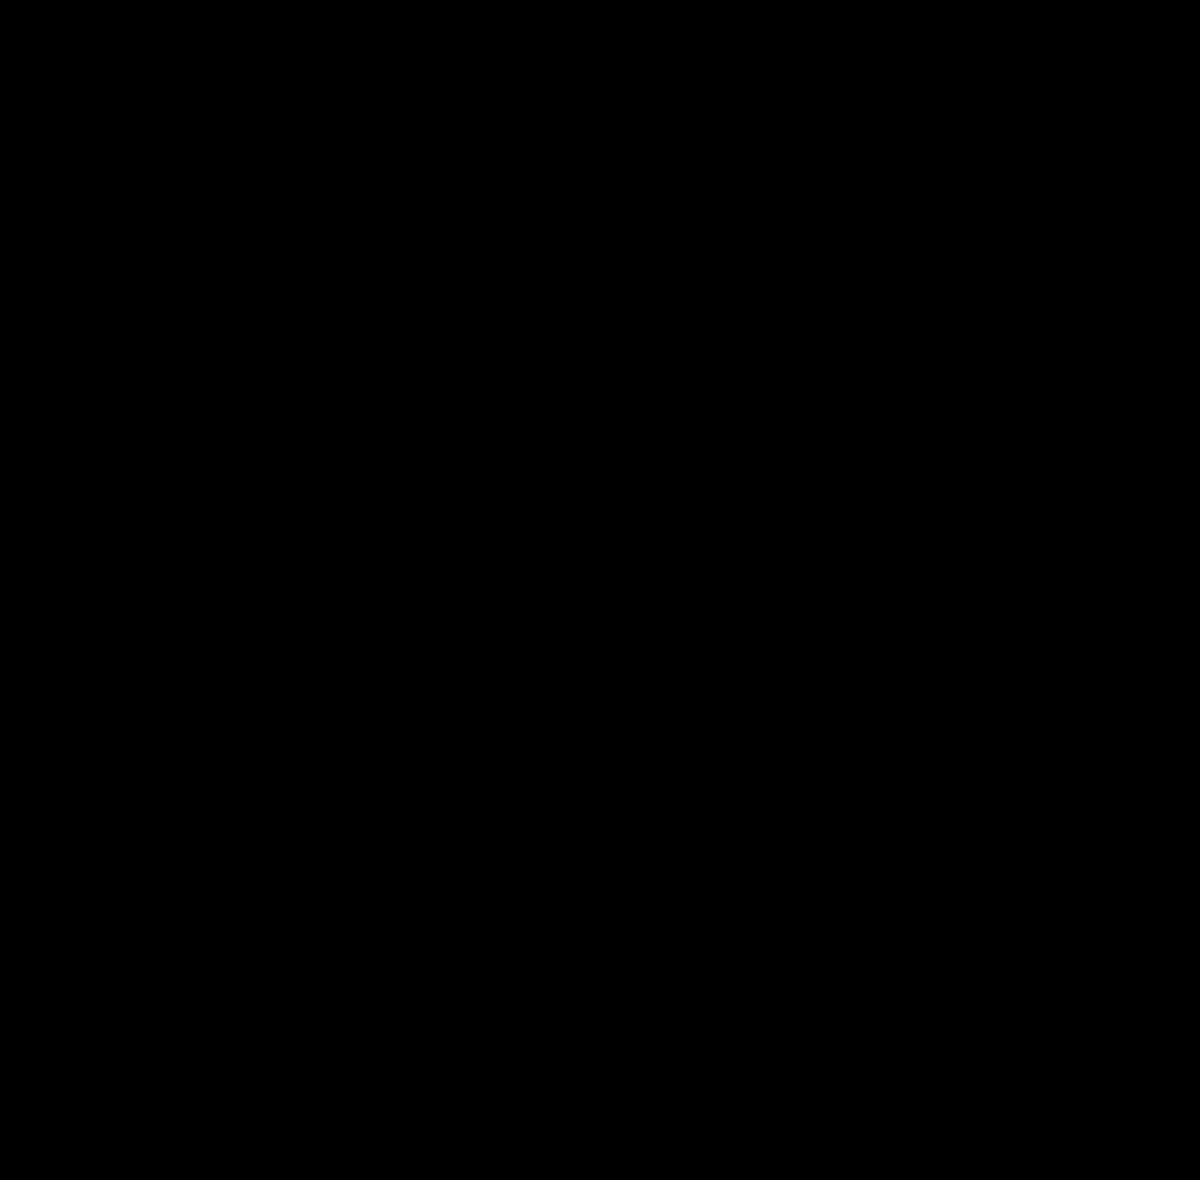 pentapolar-spiral-layer5